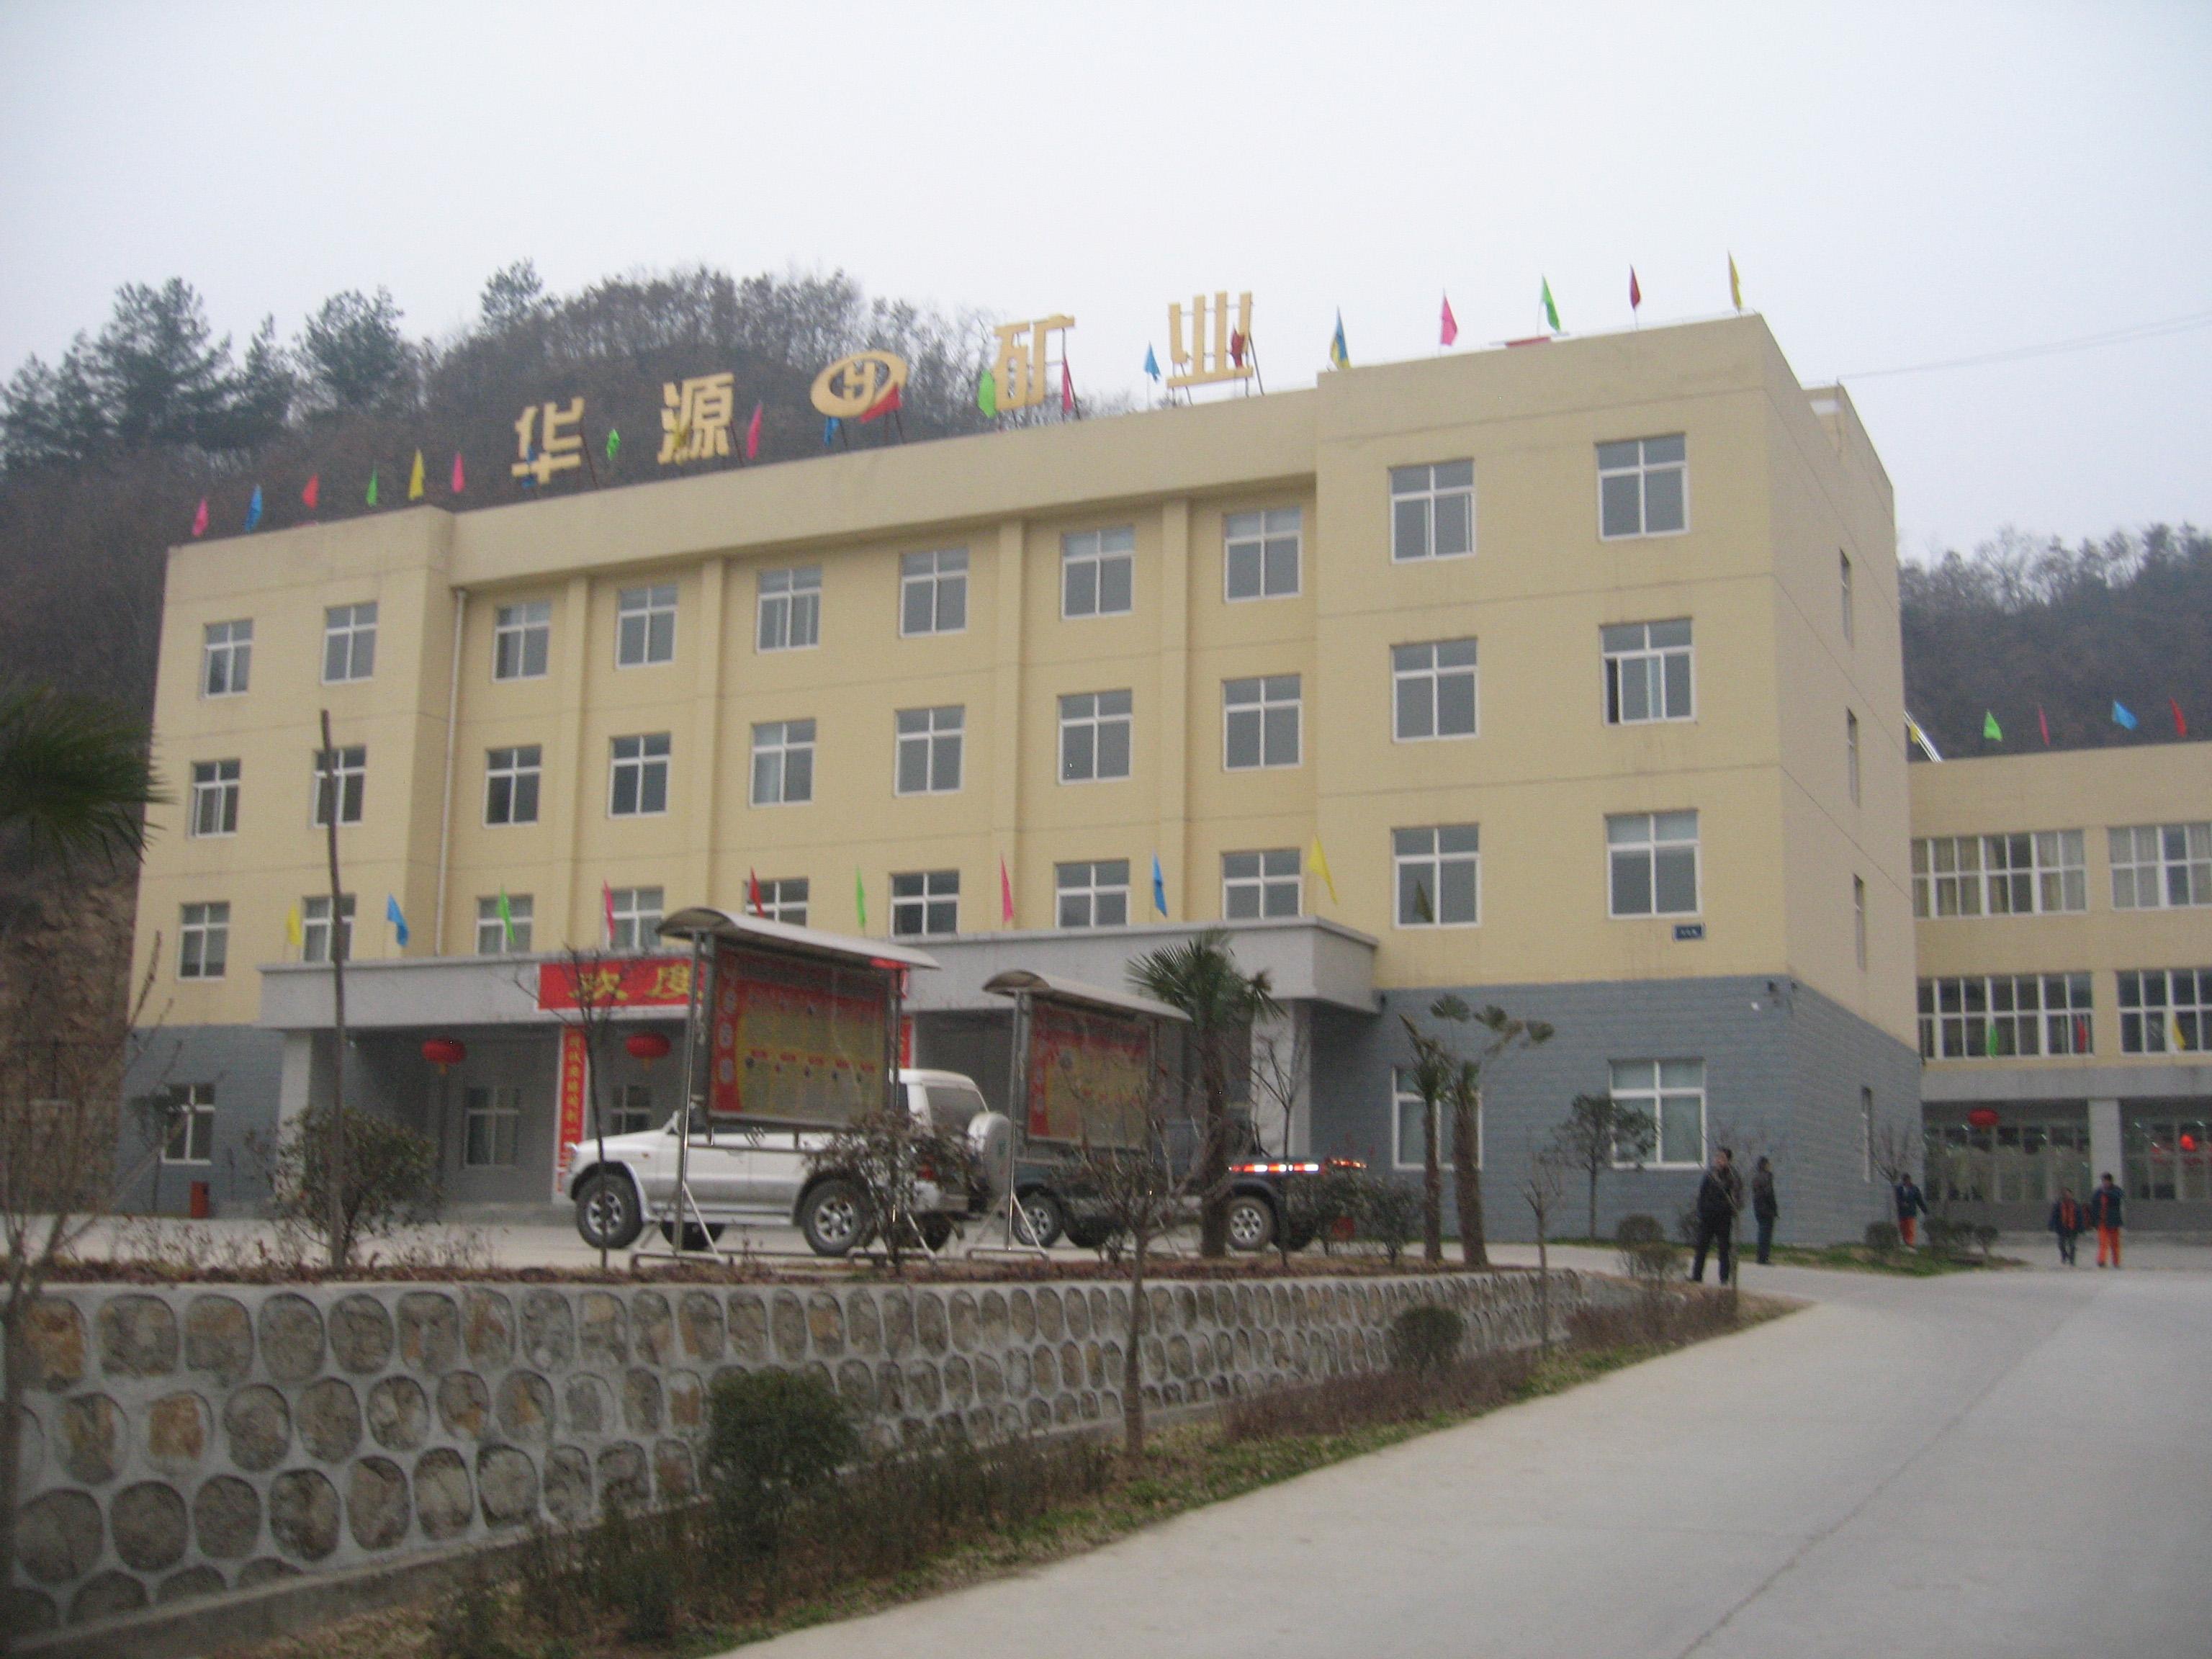 陕西有色金属控股集团华源矿业